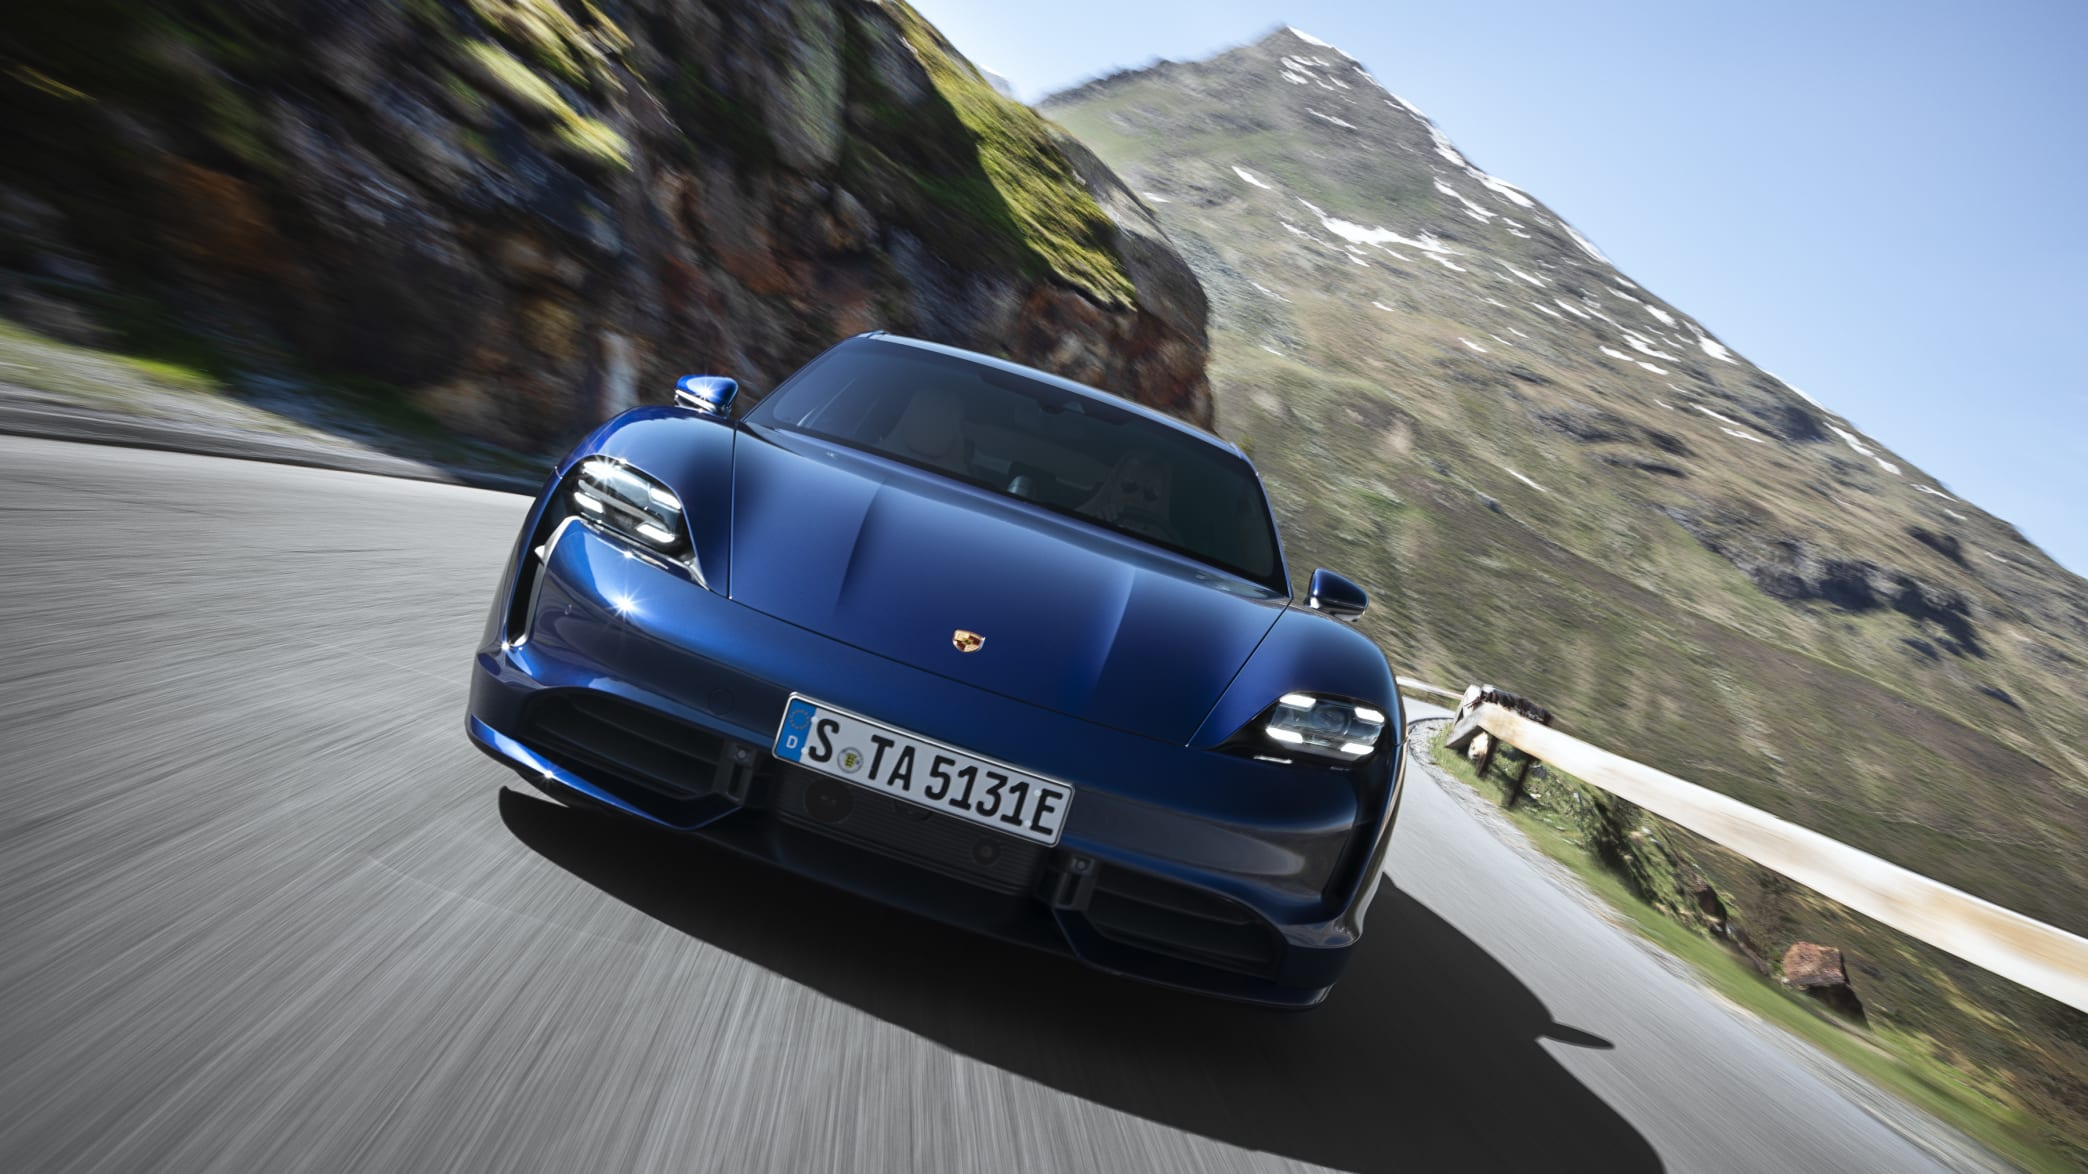 auf Landstrasse fahrender Porsche Taycan